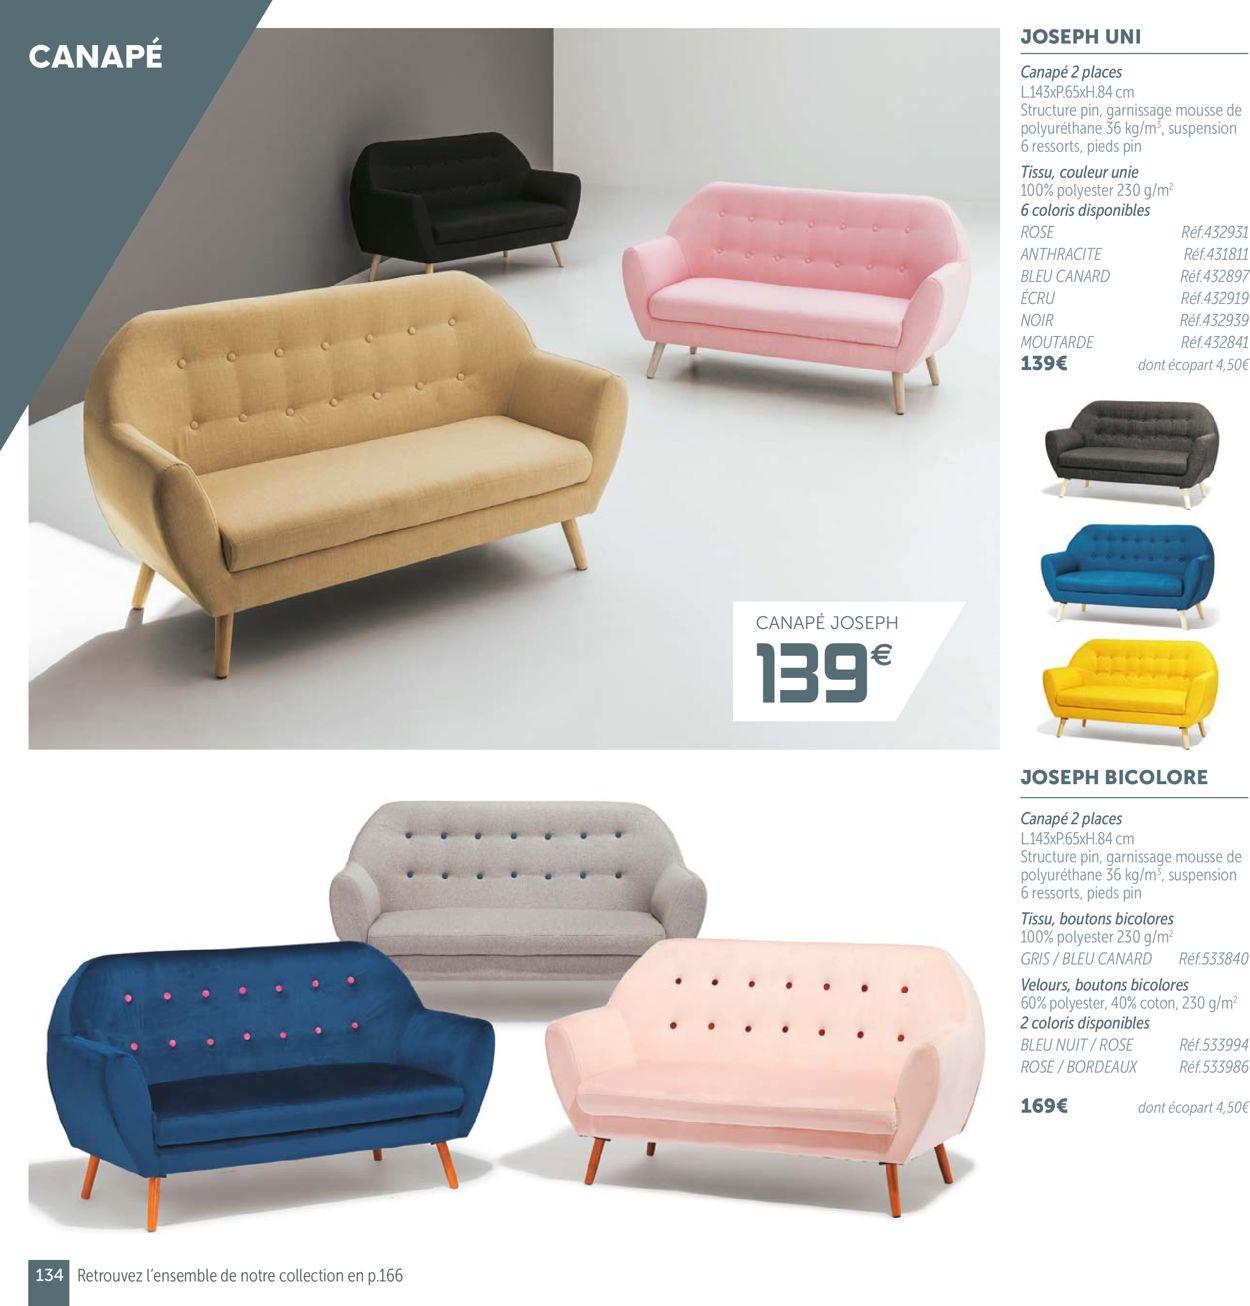 Gifi Catalogue Actuel 19.08 - 31.07.2020 [134] - Catalogue ... destiné Canapé Joseph Gifi Bleu